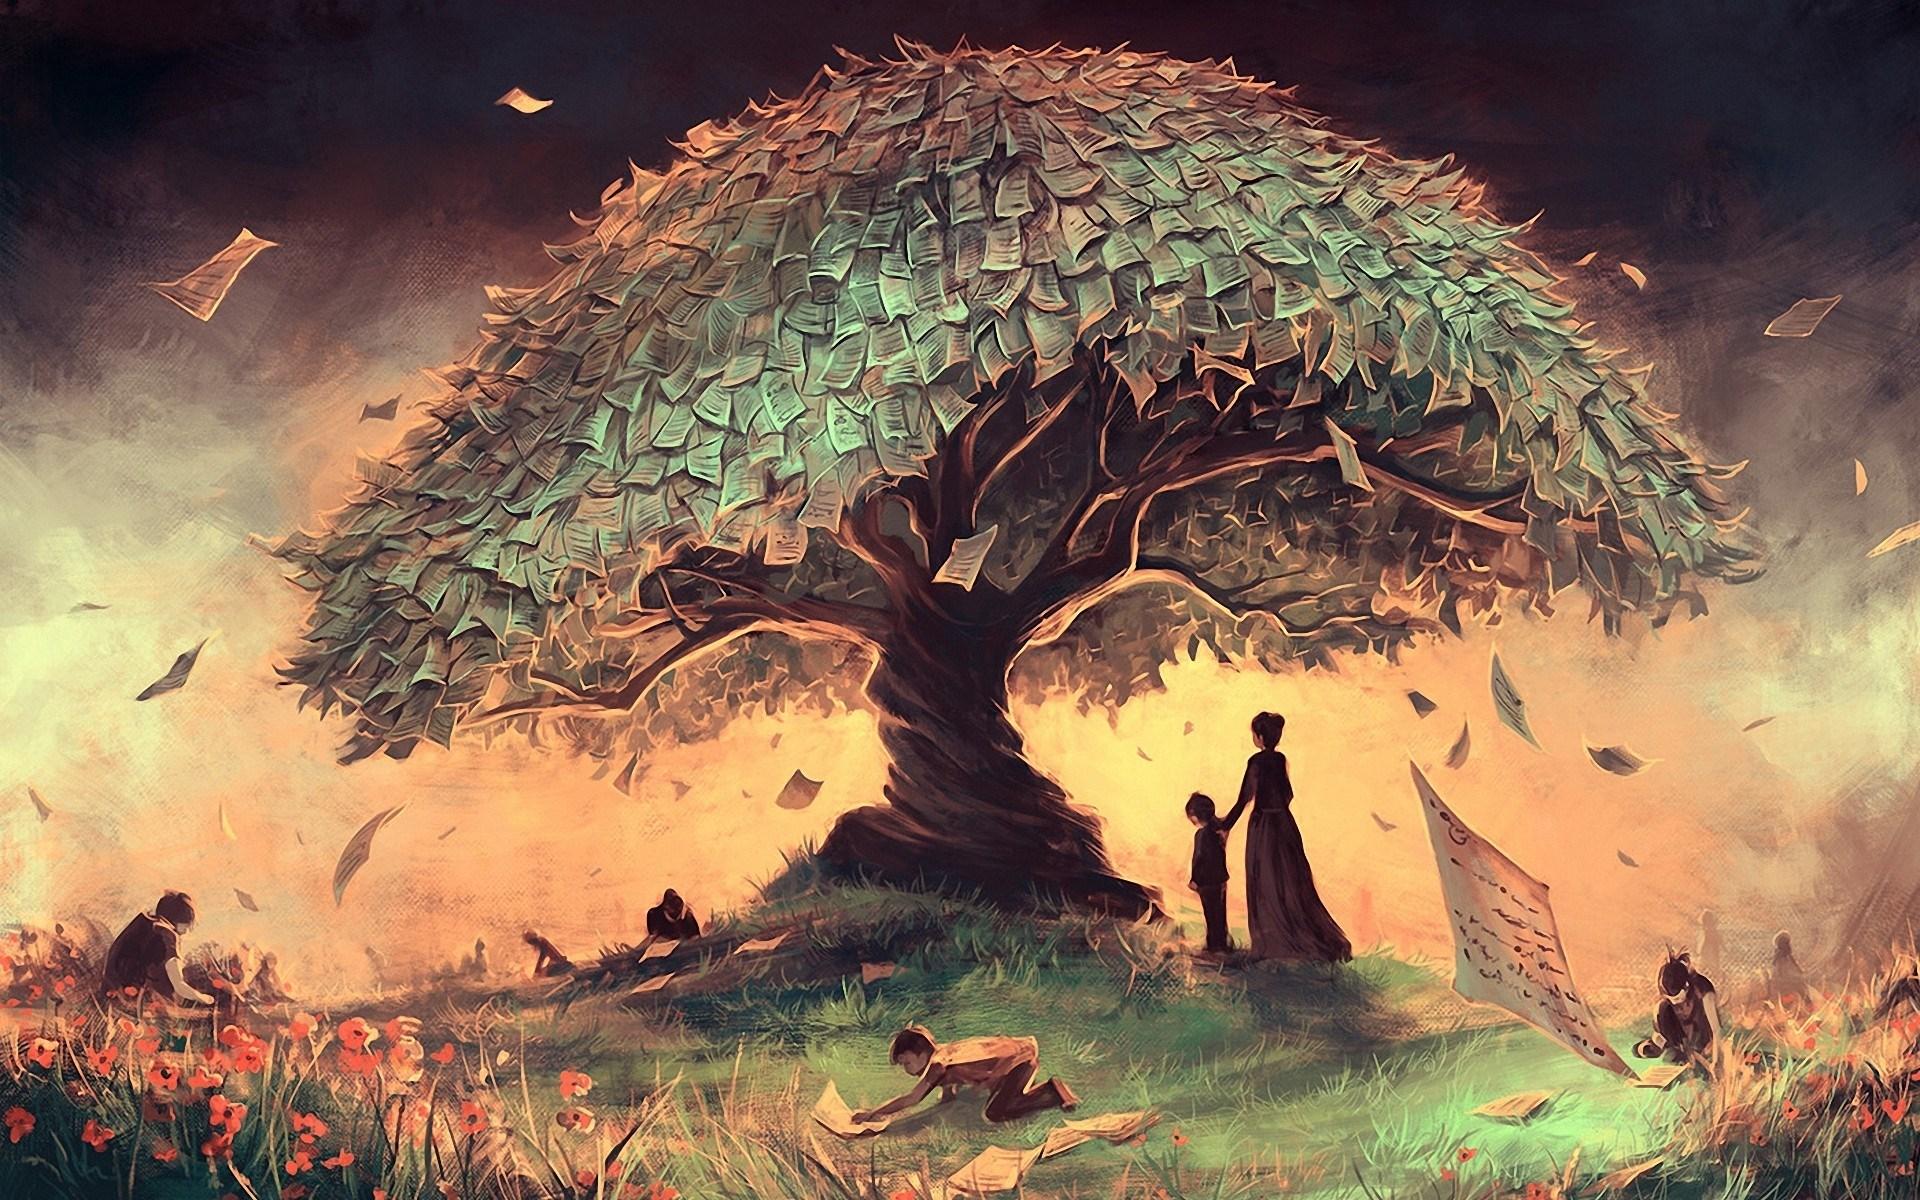 Tree landscape children